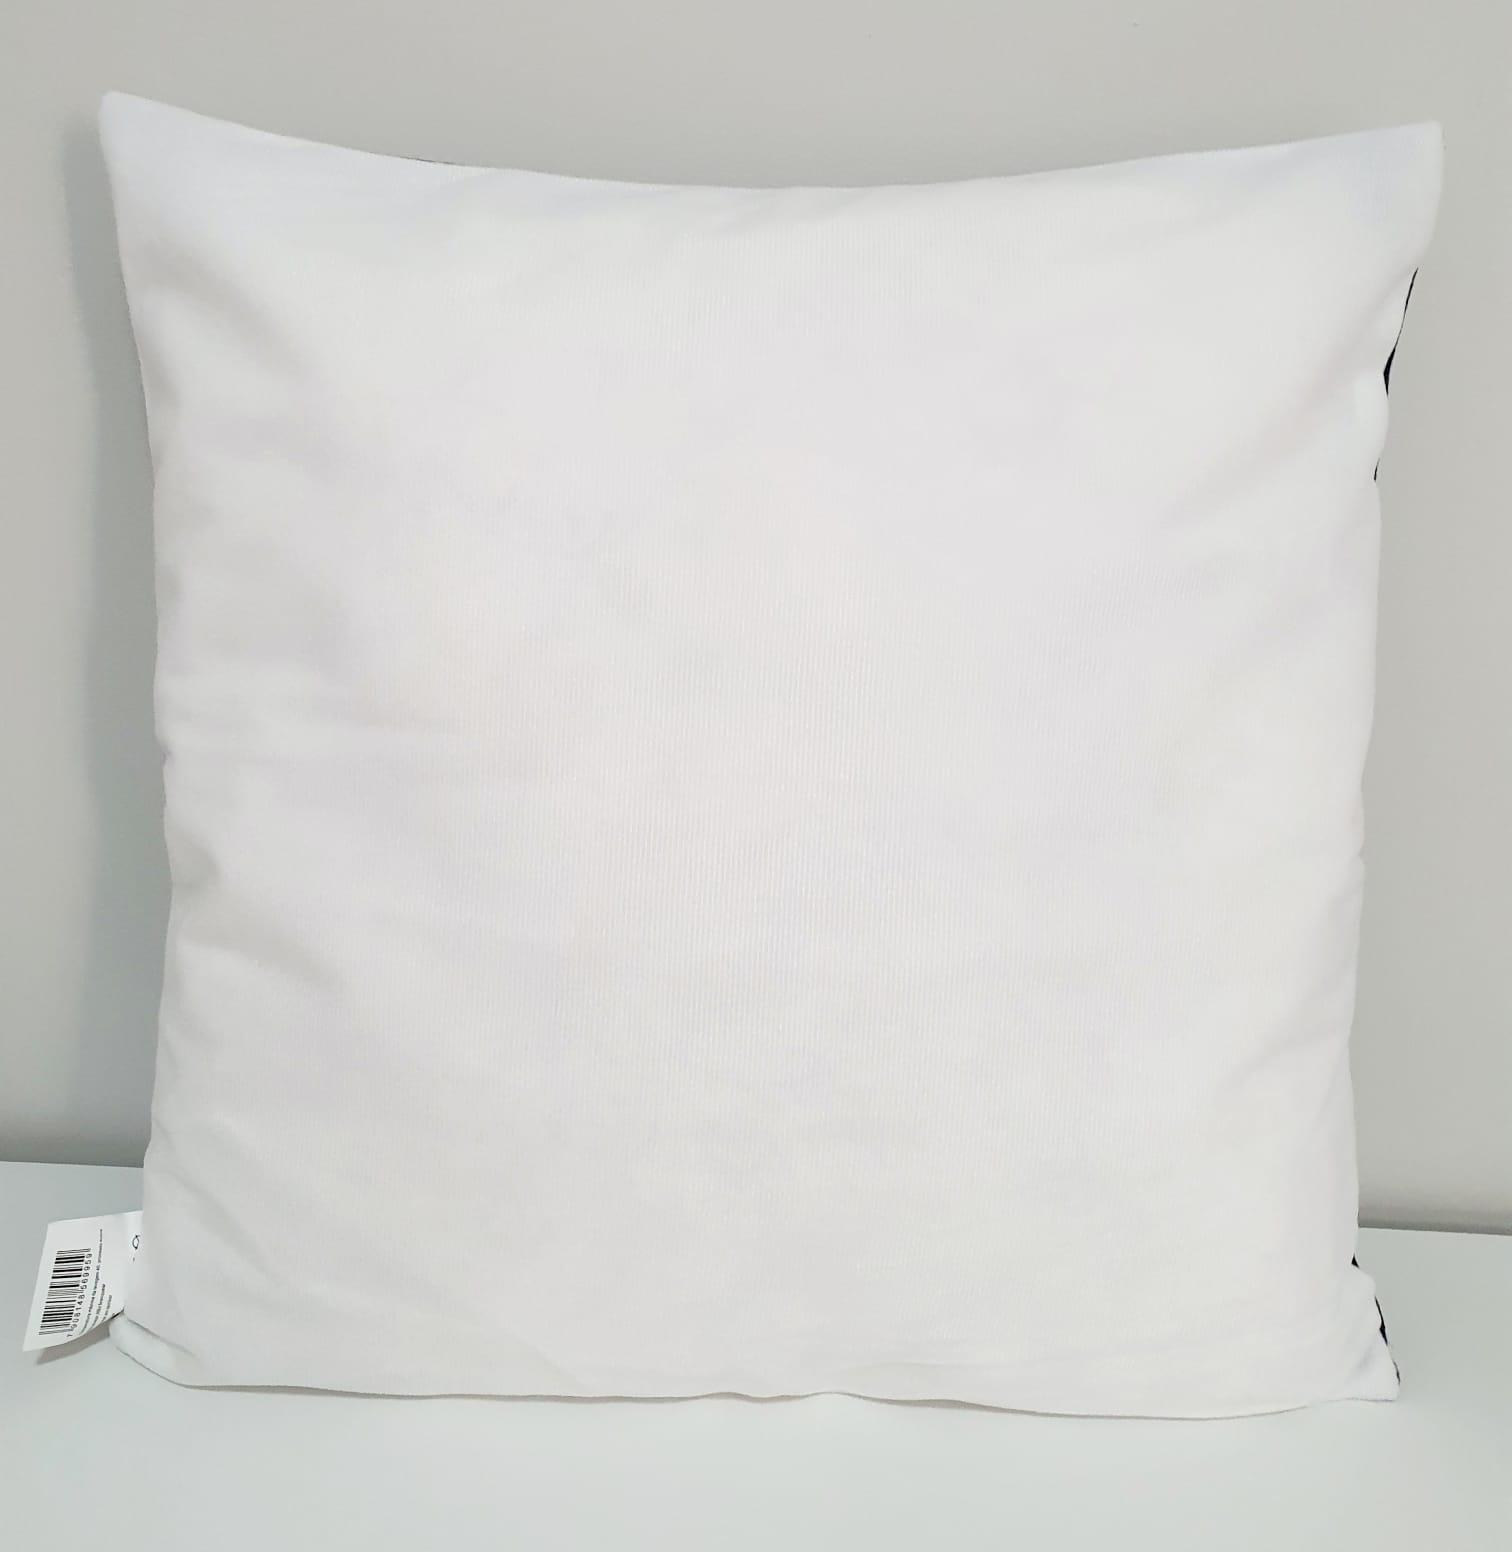 Capa para almofada - Mr. Preta e branca